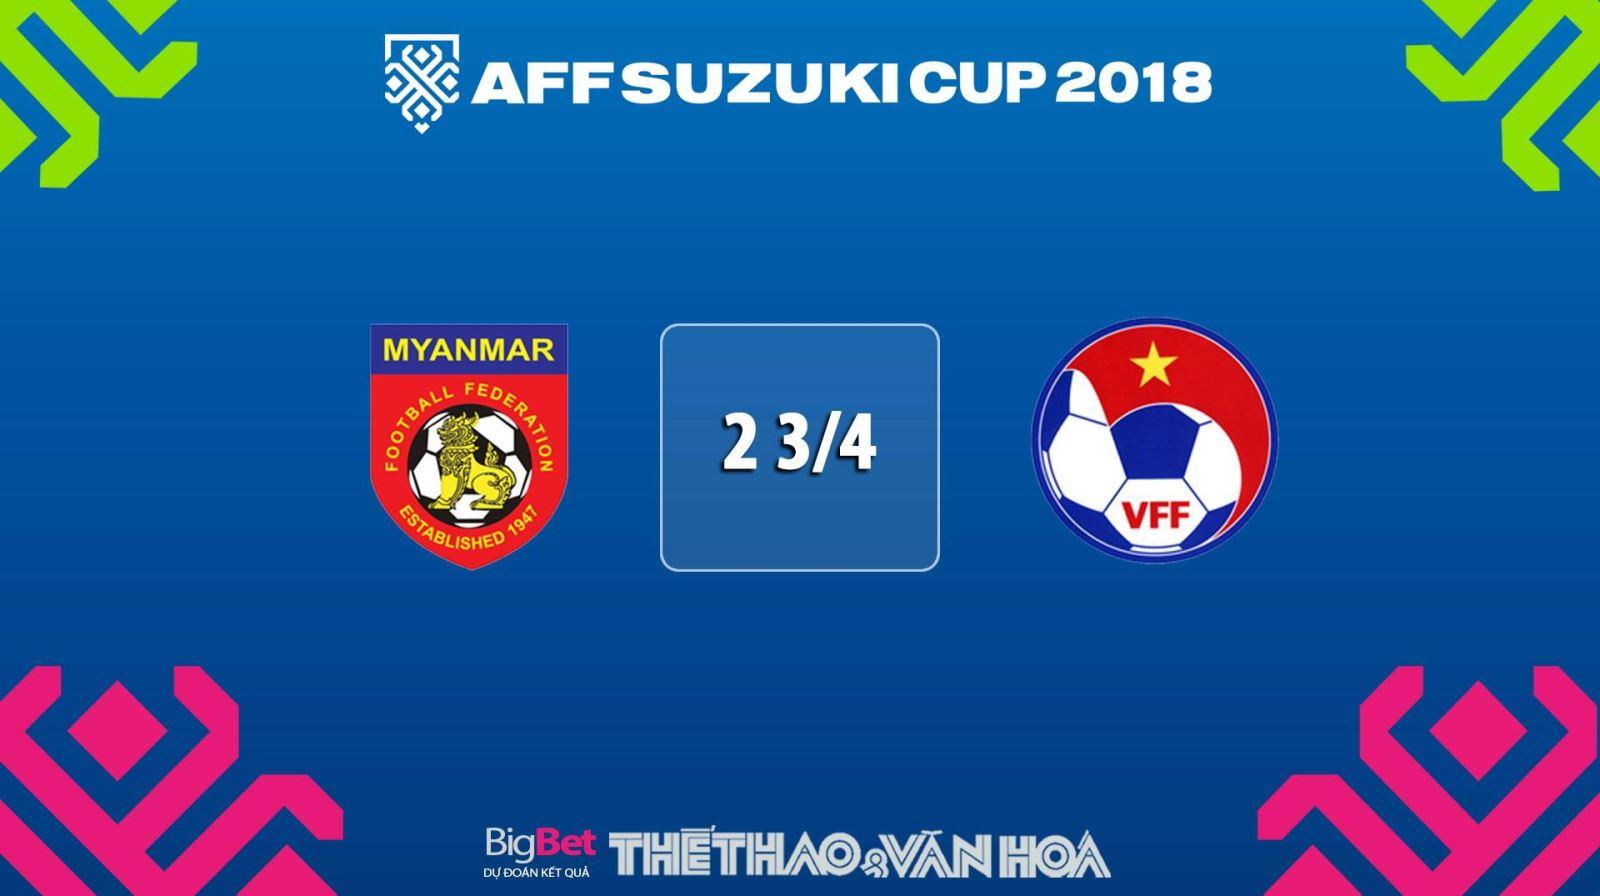 Lịch thi đấu bóng đá hôm nay, lịch thi đấu AFF Cup 2018, lich thi dau aff cup 2018, lịch thi đấu Myanmar vs Việt Nam, lịch thi đấu của đội tuyển Việt Nam